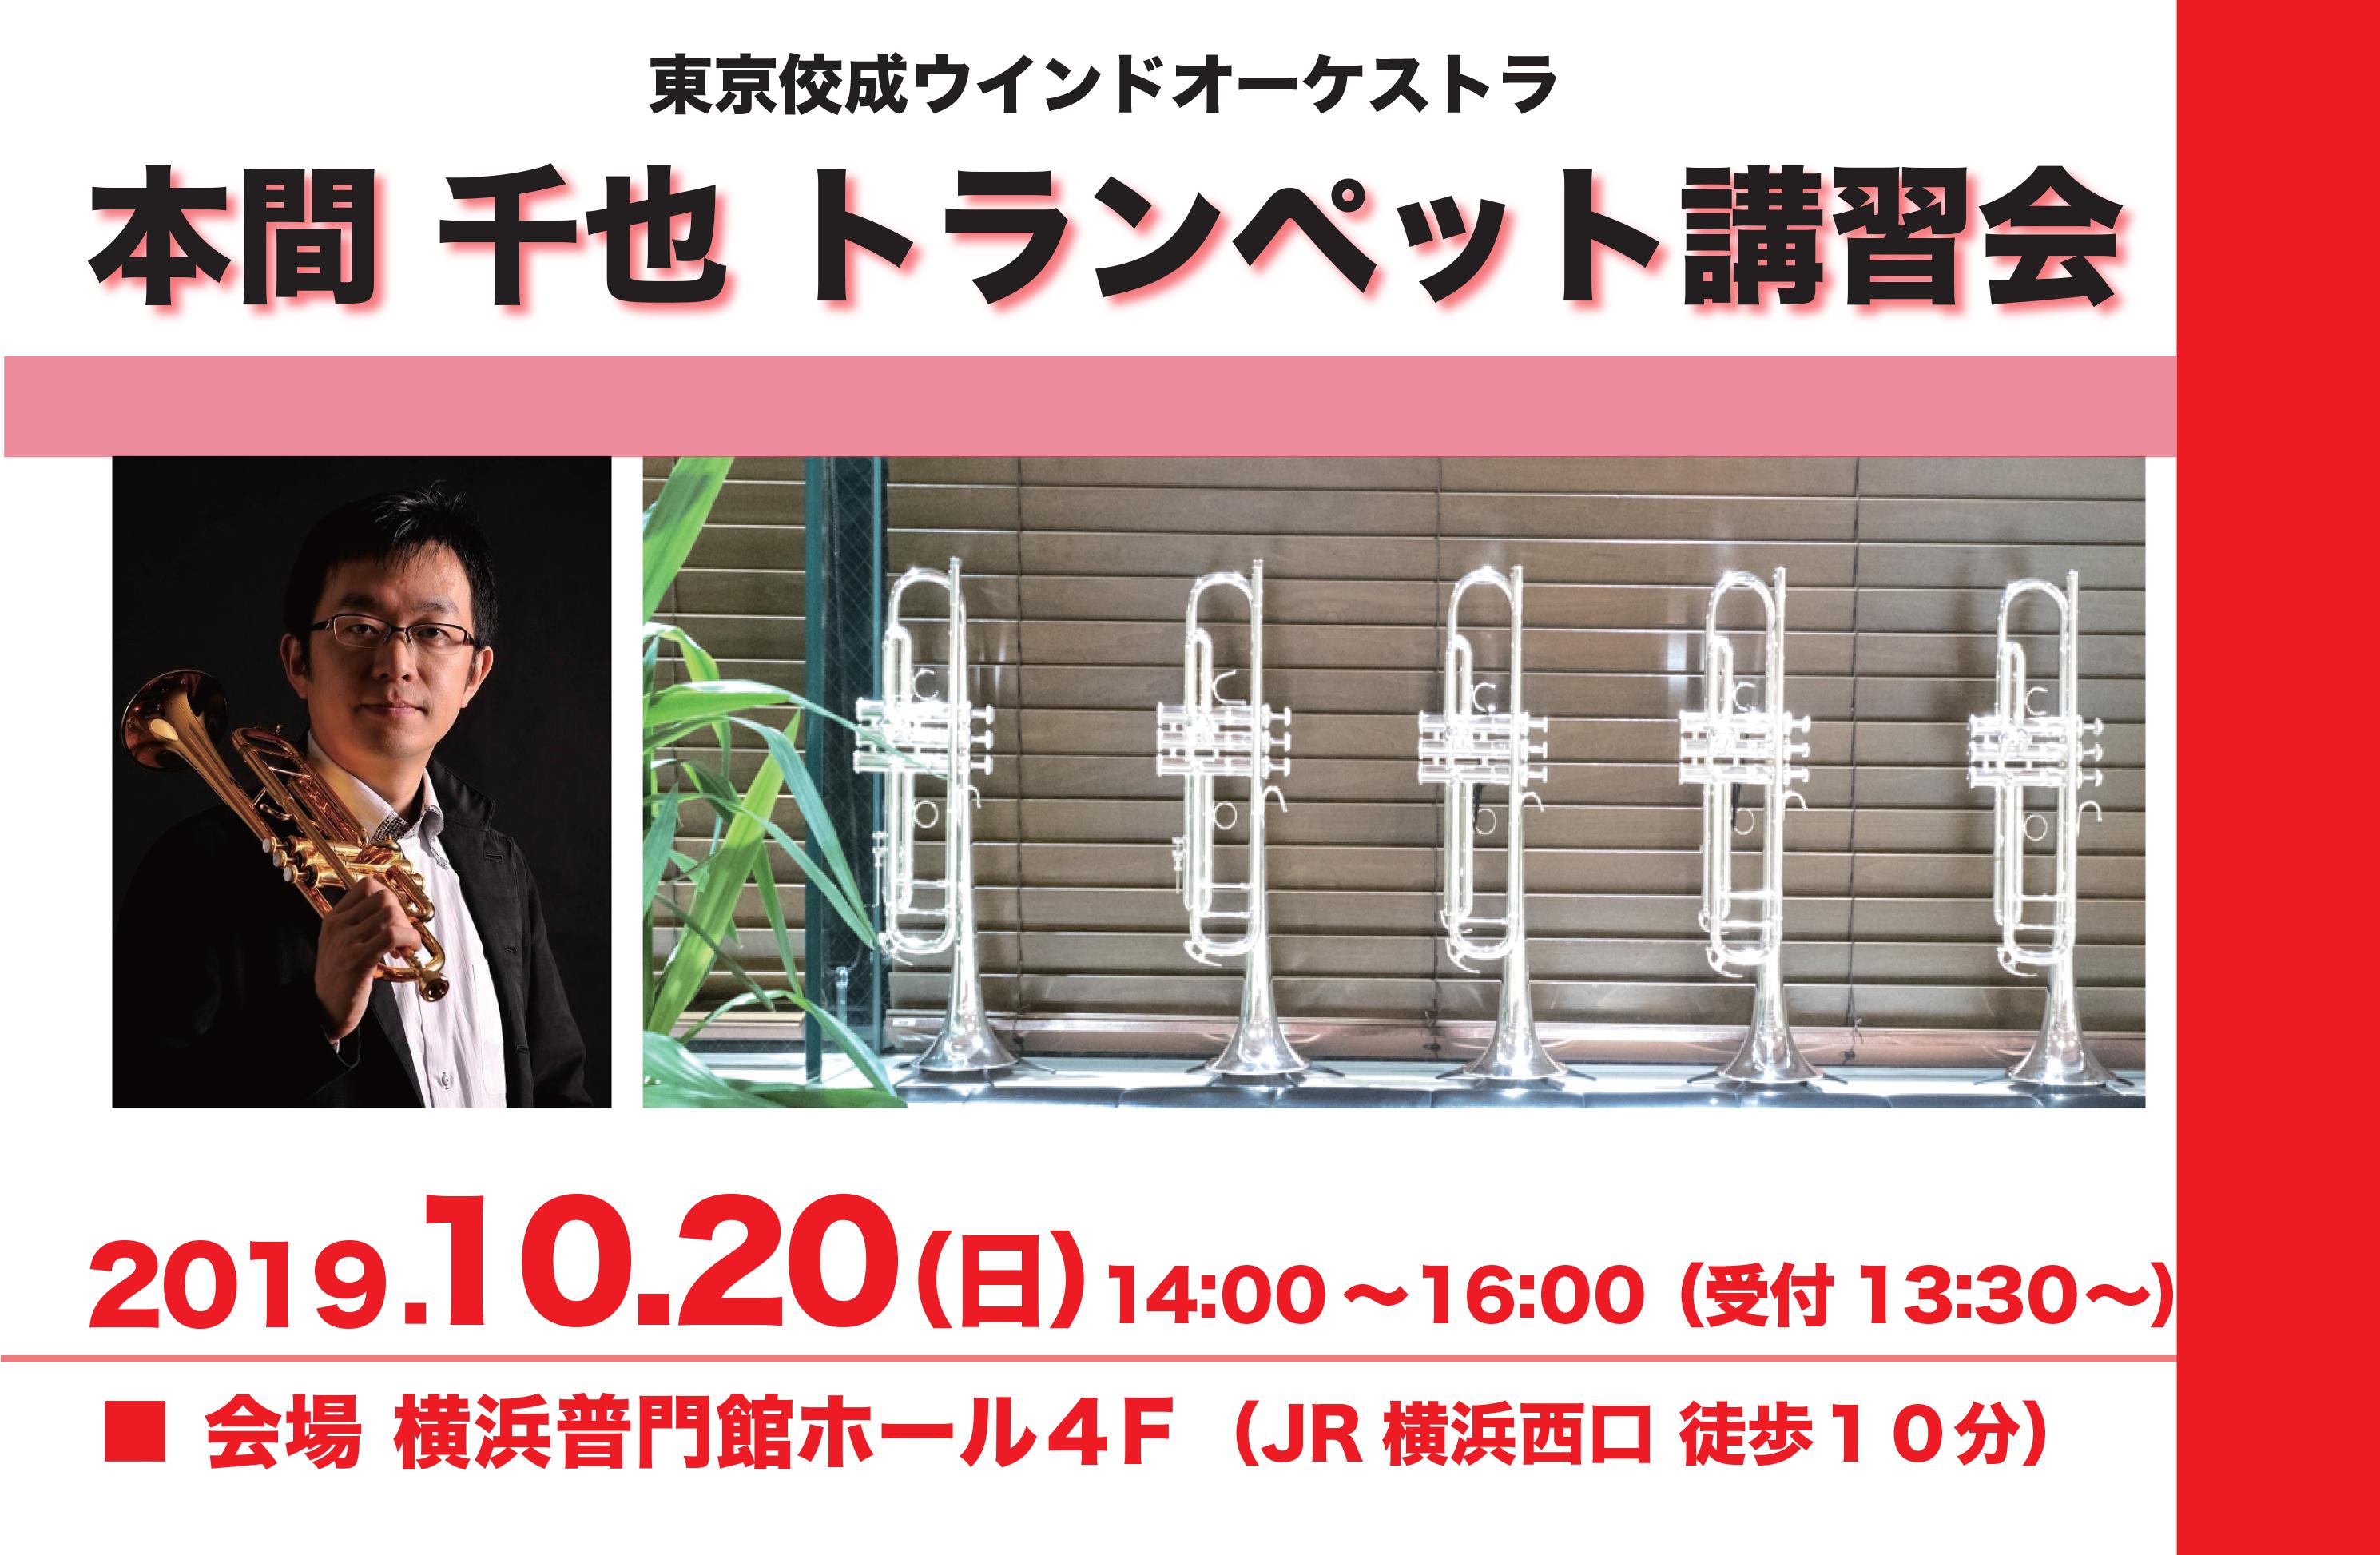 10/20(日)本間千也先生トランペット講習会